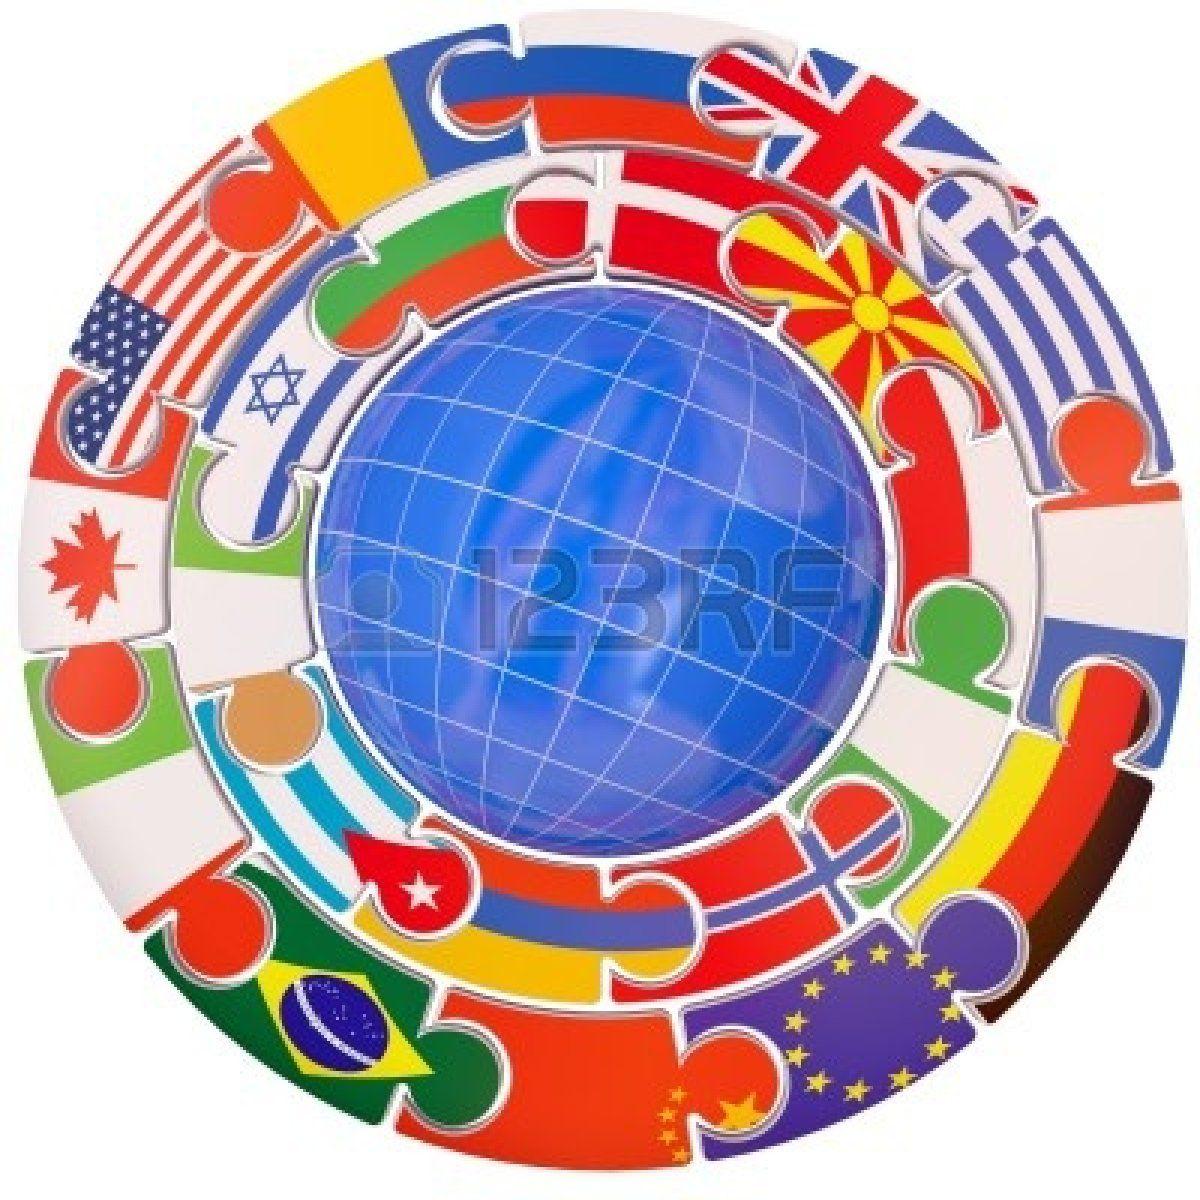 El planeta tierra y un conjunto de indicadores en un símbolo de la Commonwealth Foto de archivo